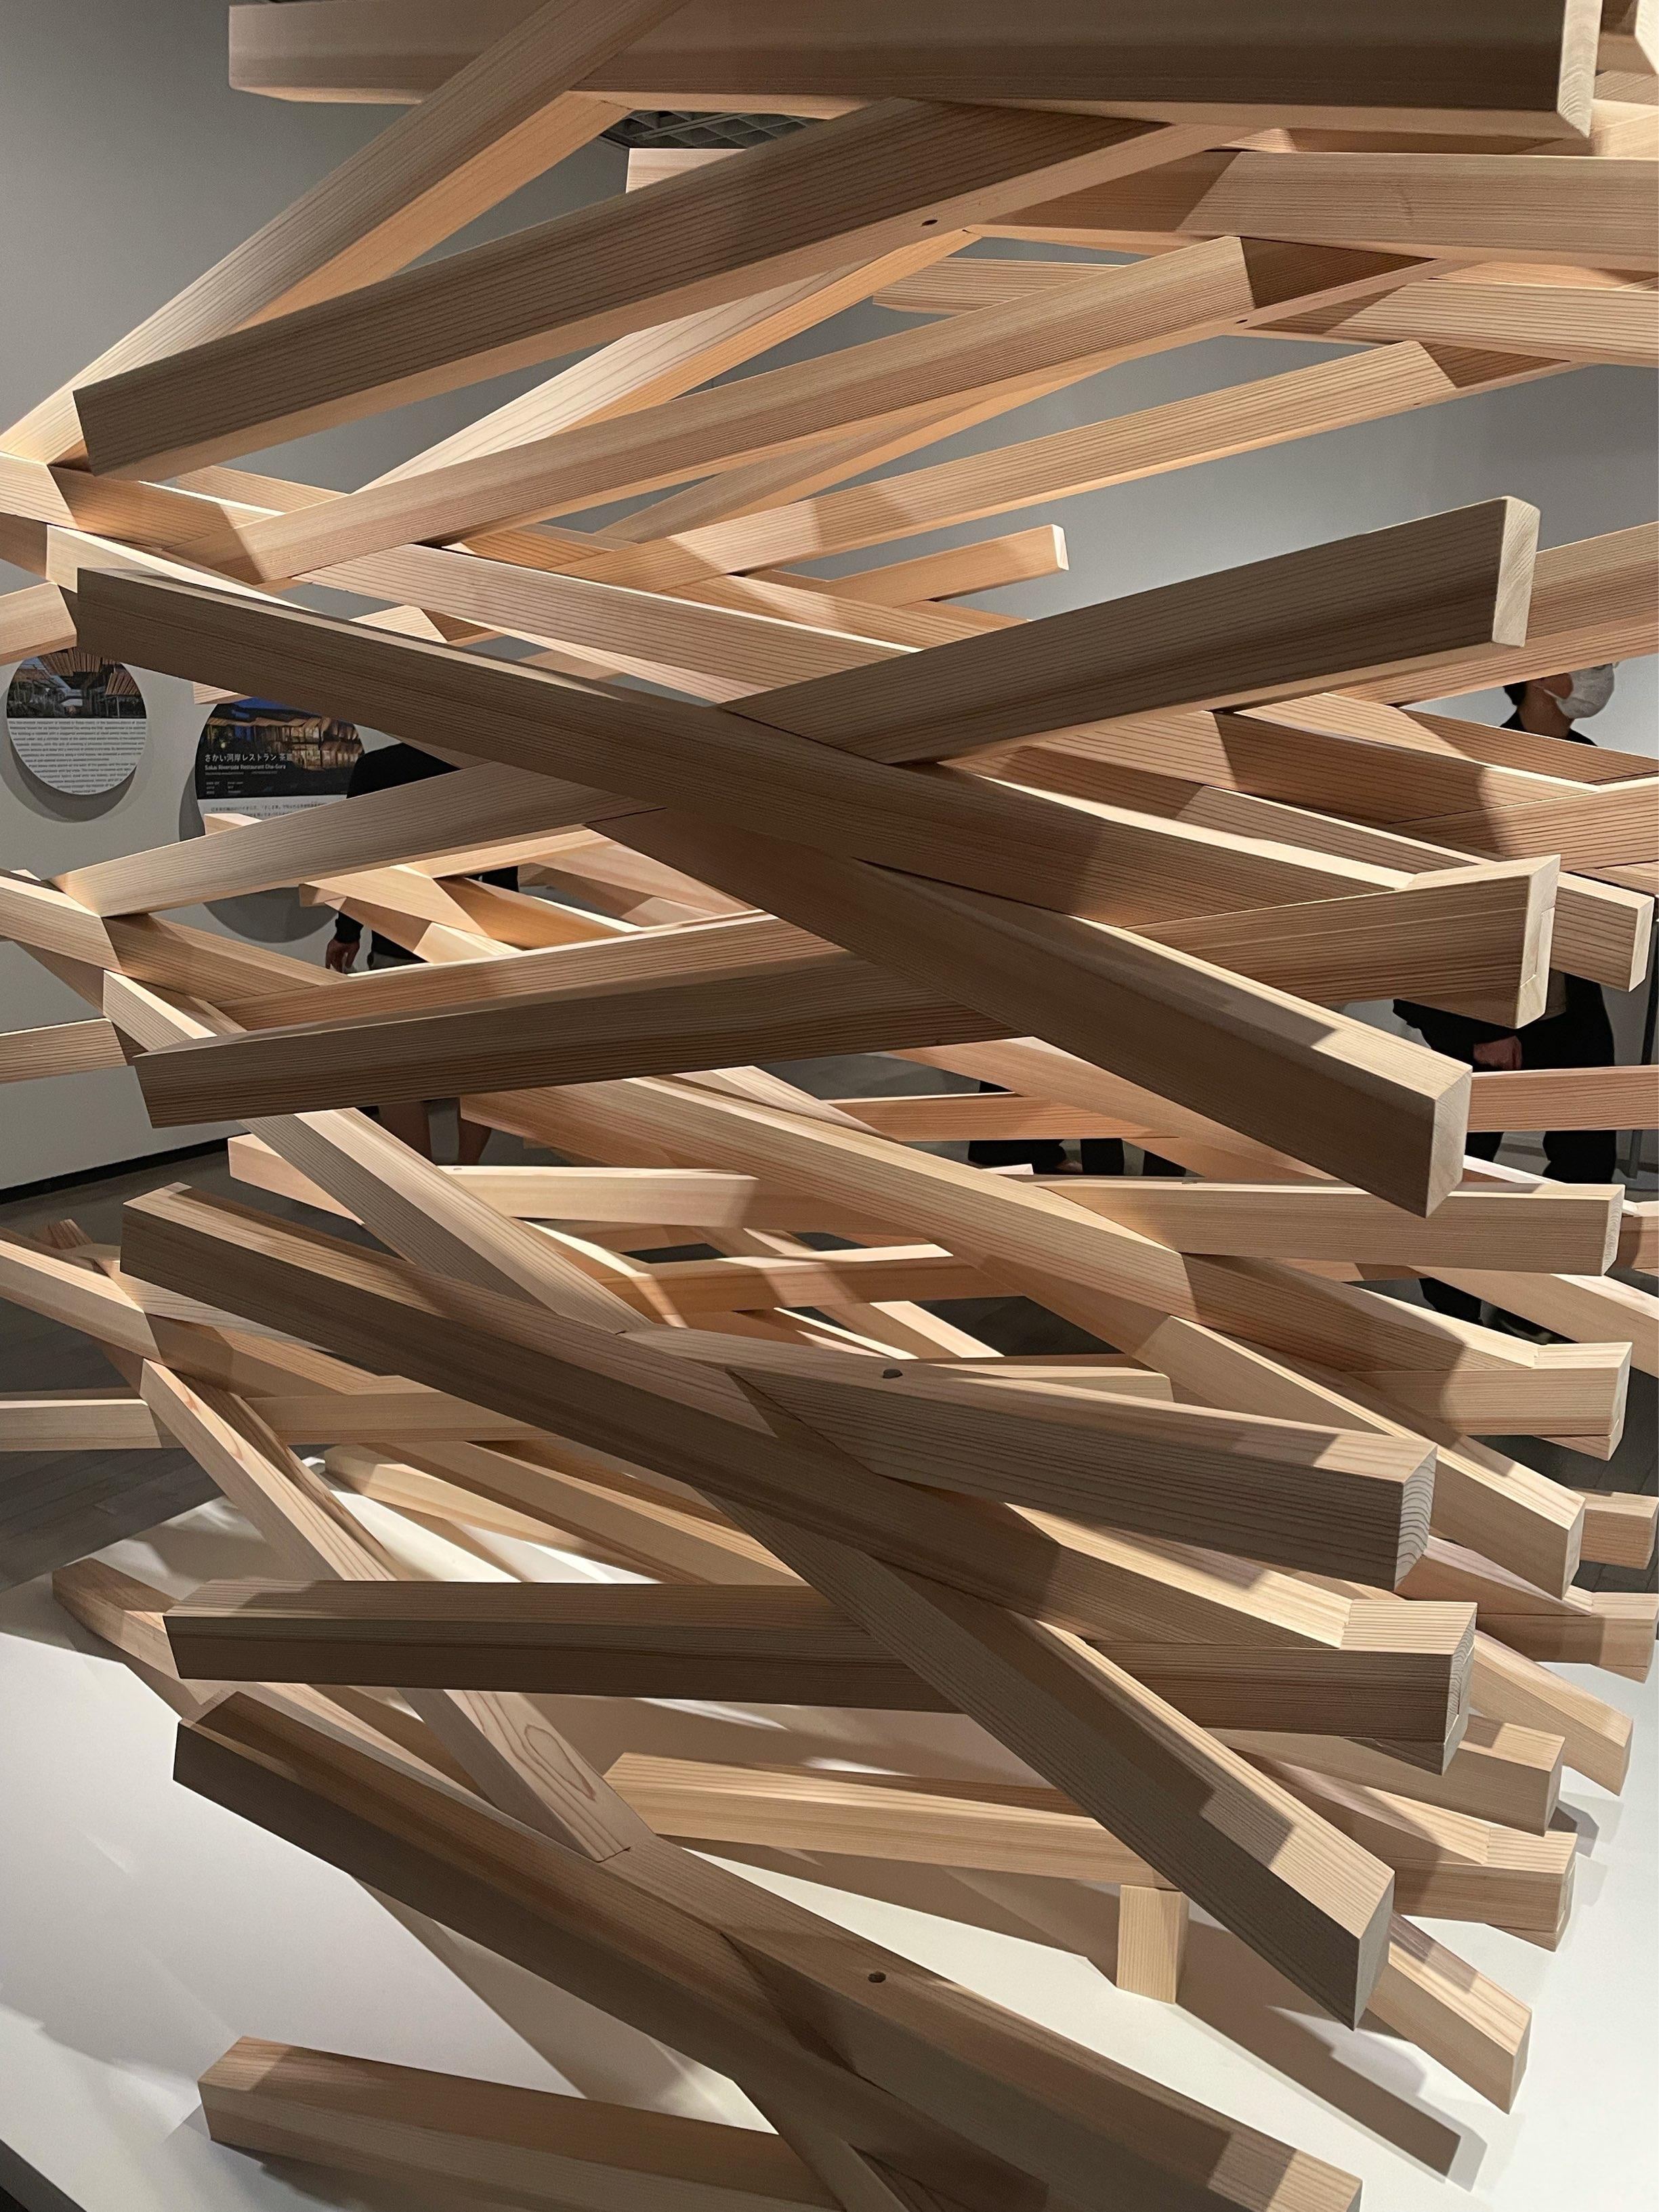 隈研吾展の木造建築